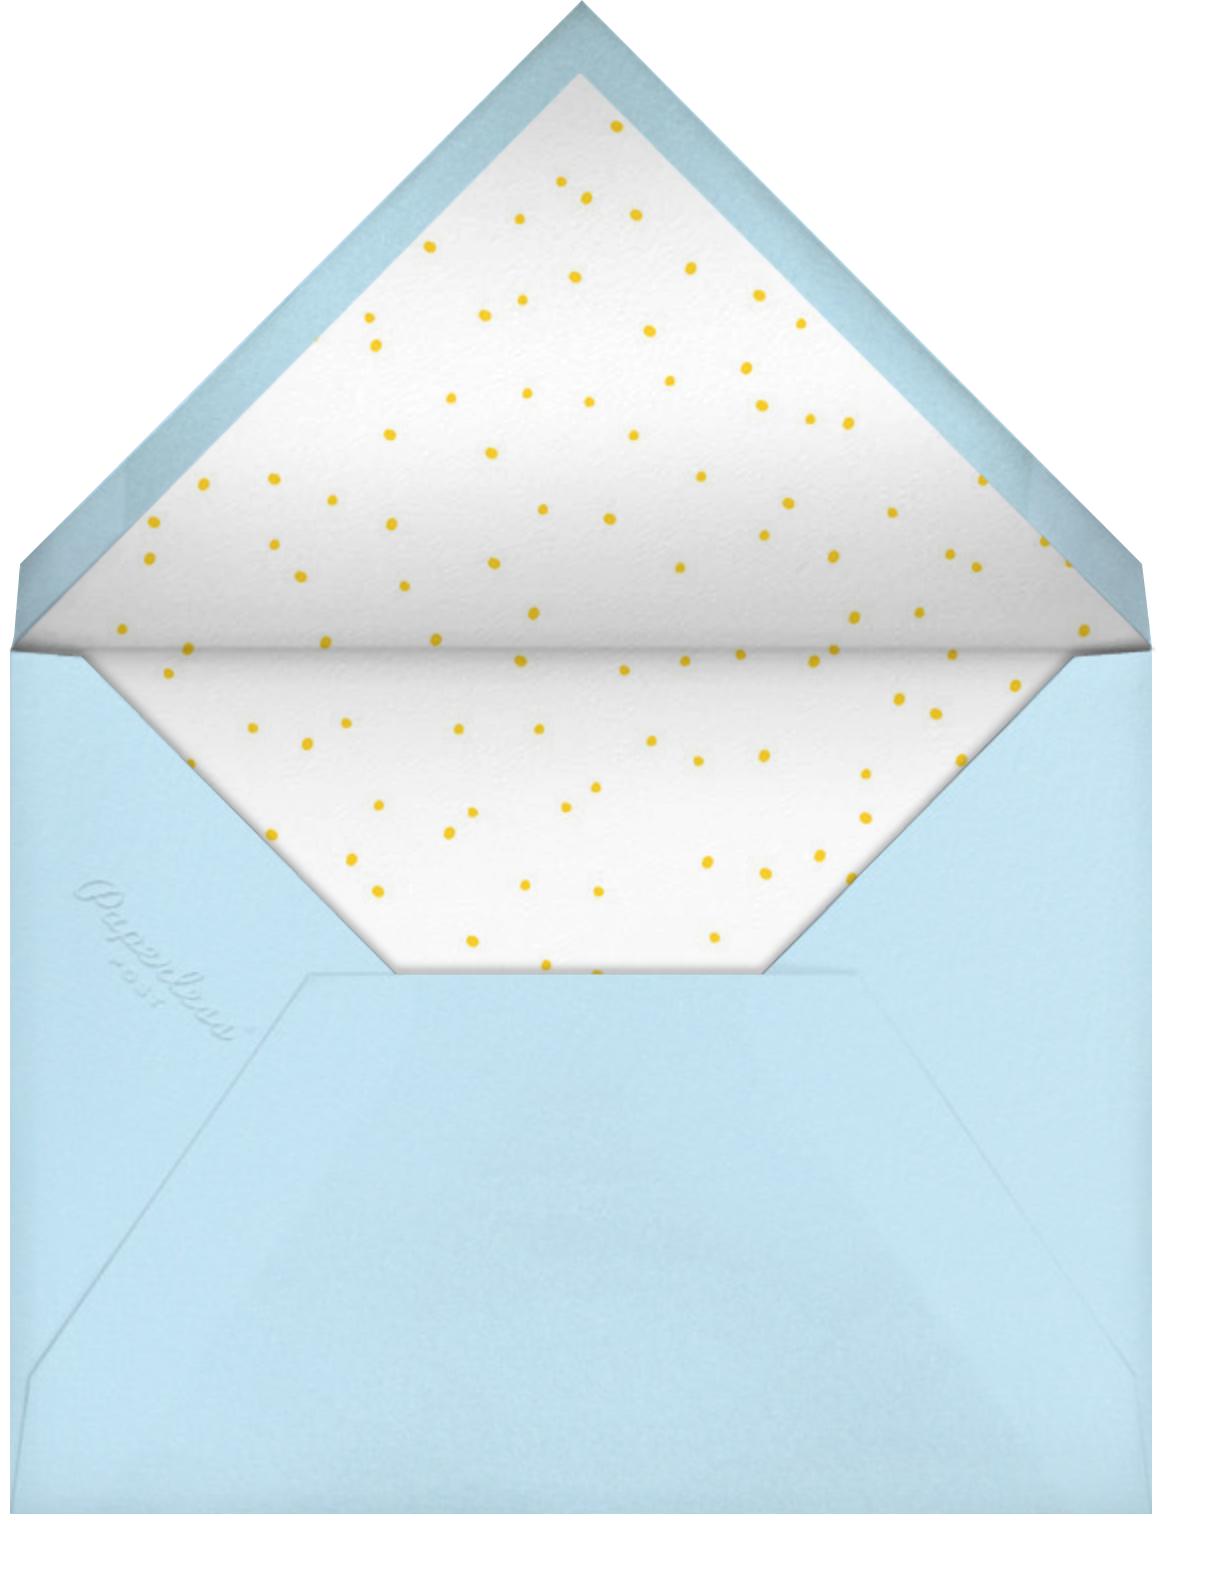 Smiling Skies - Little Cube - 1st birthday - envelope back